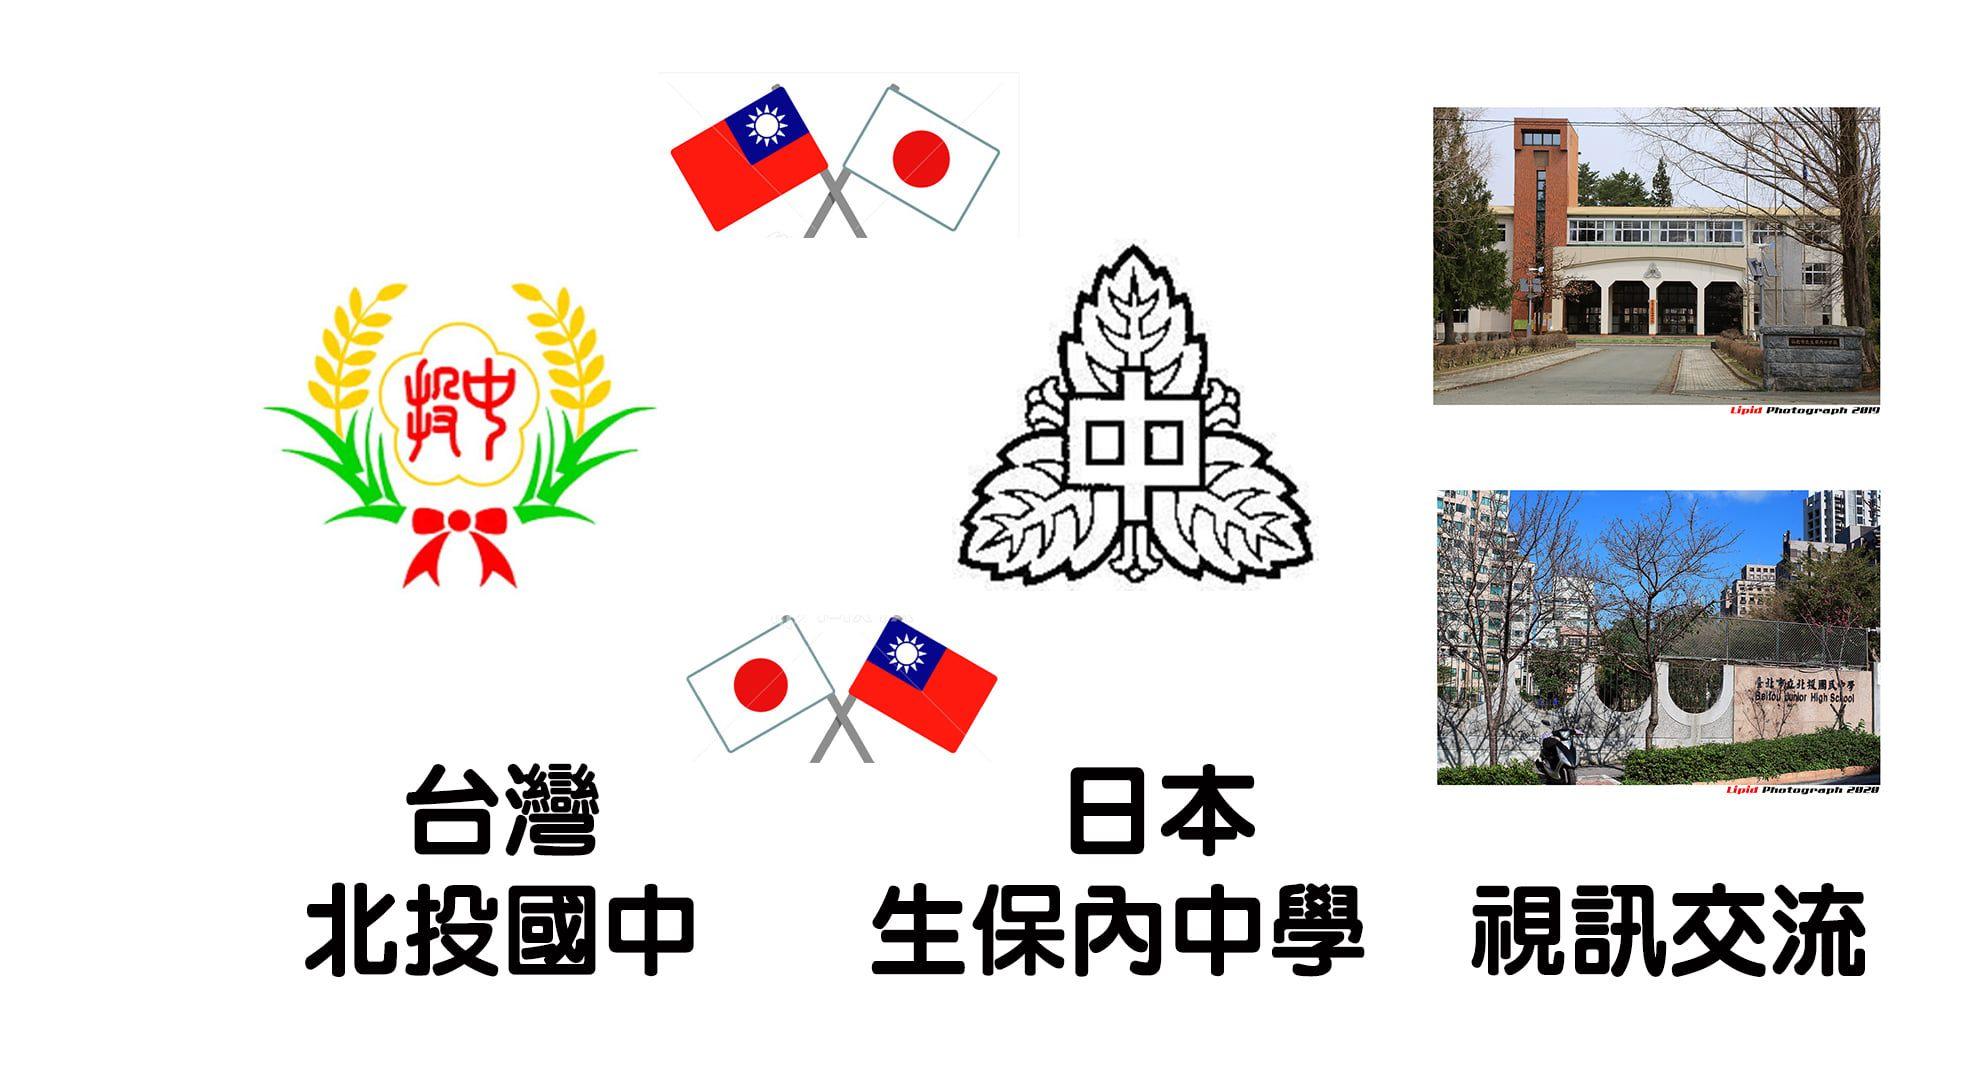 溫情online-北投國中與日本生保內中學校線上交流代表照片